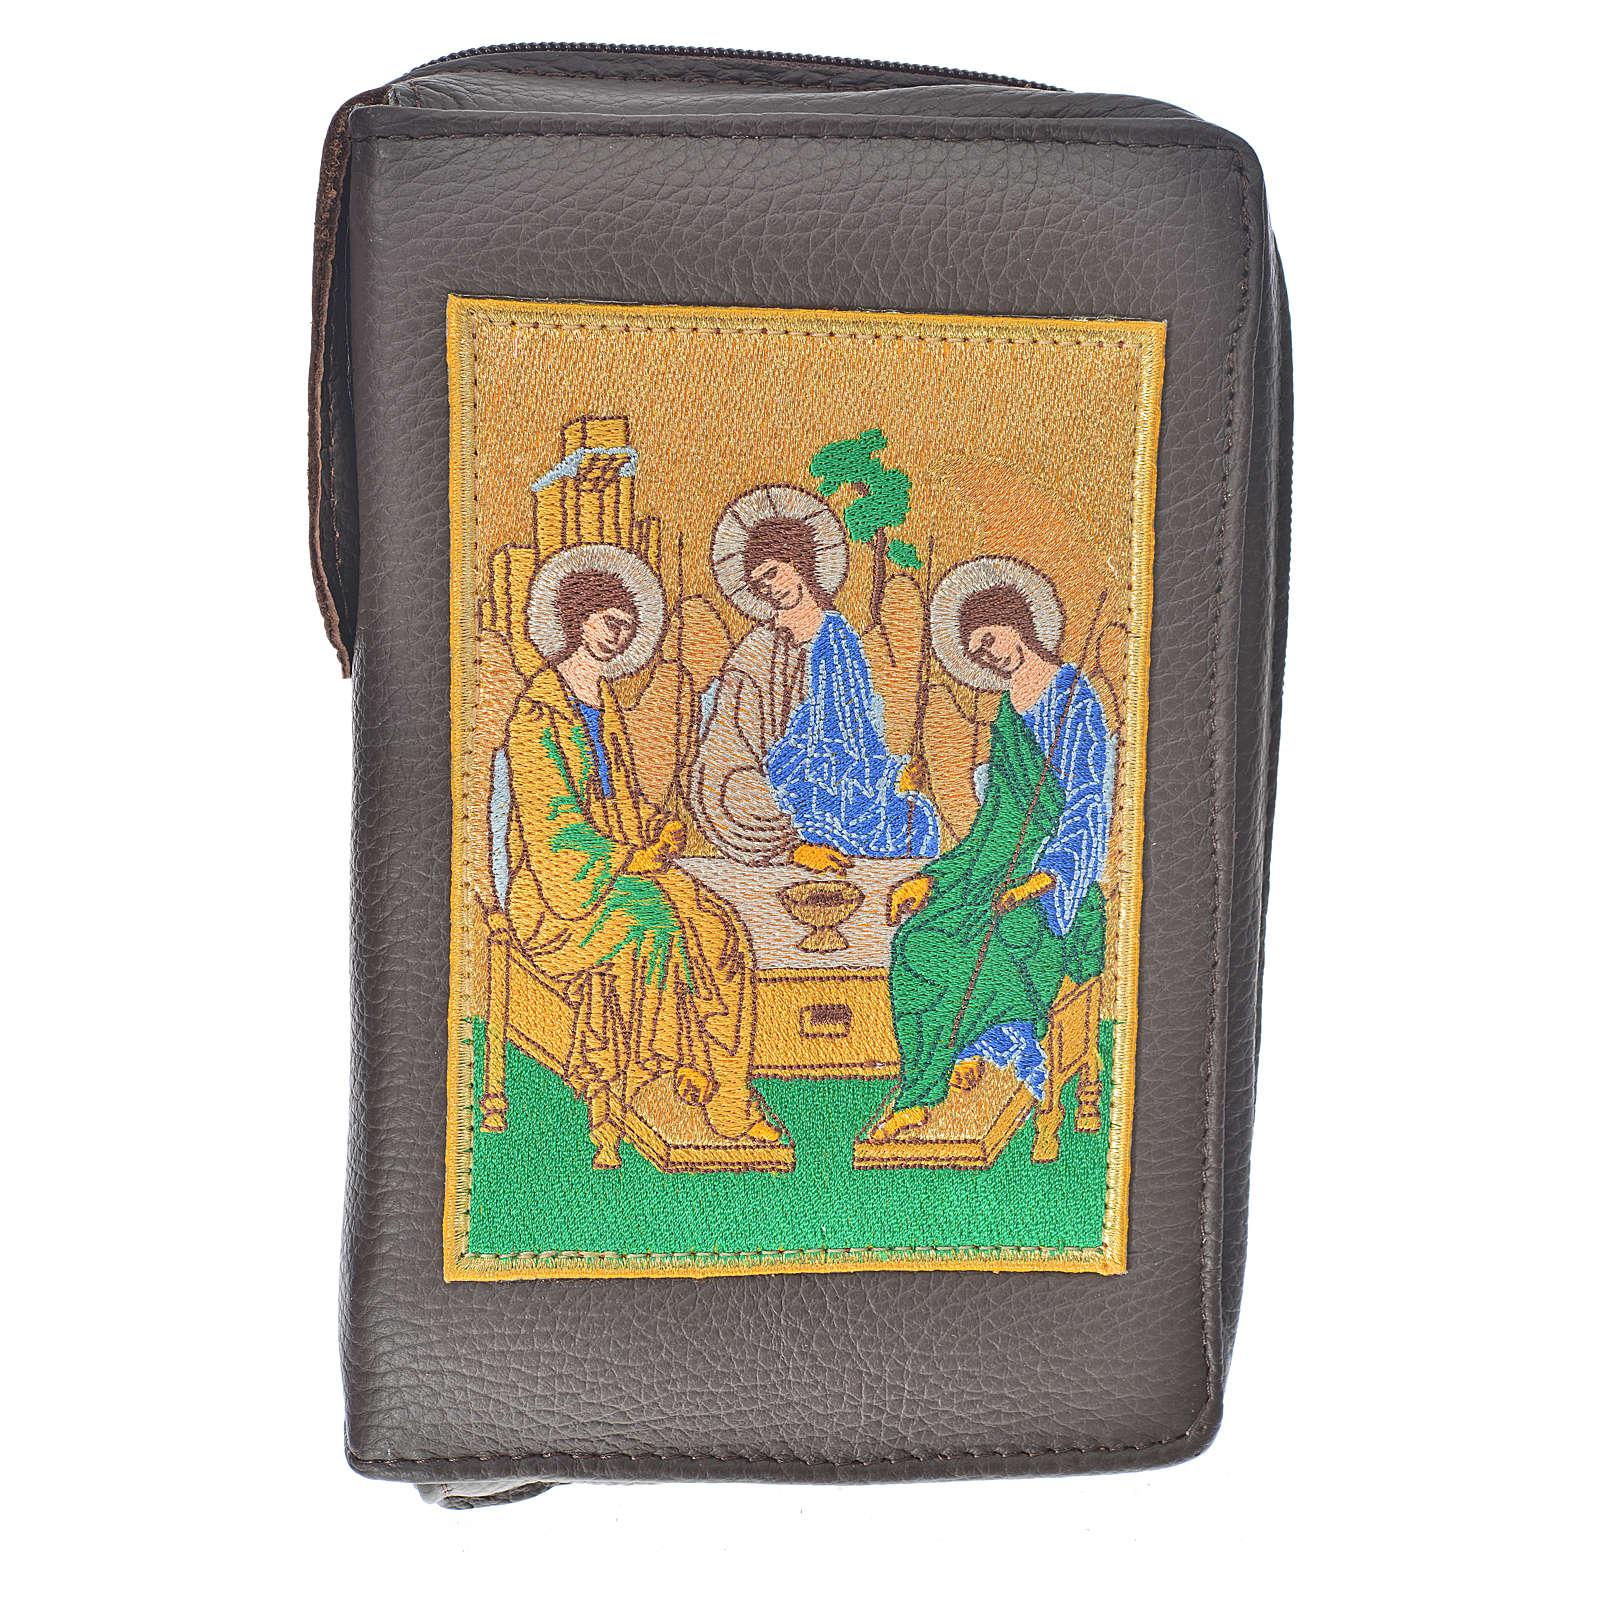 Funda Sagrada Biblia CEE ED. Pop. marrón oscuro cuero S.Trinidad 4